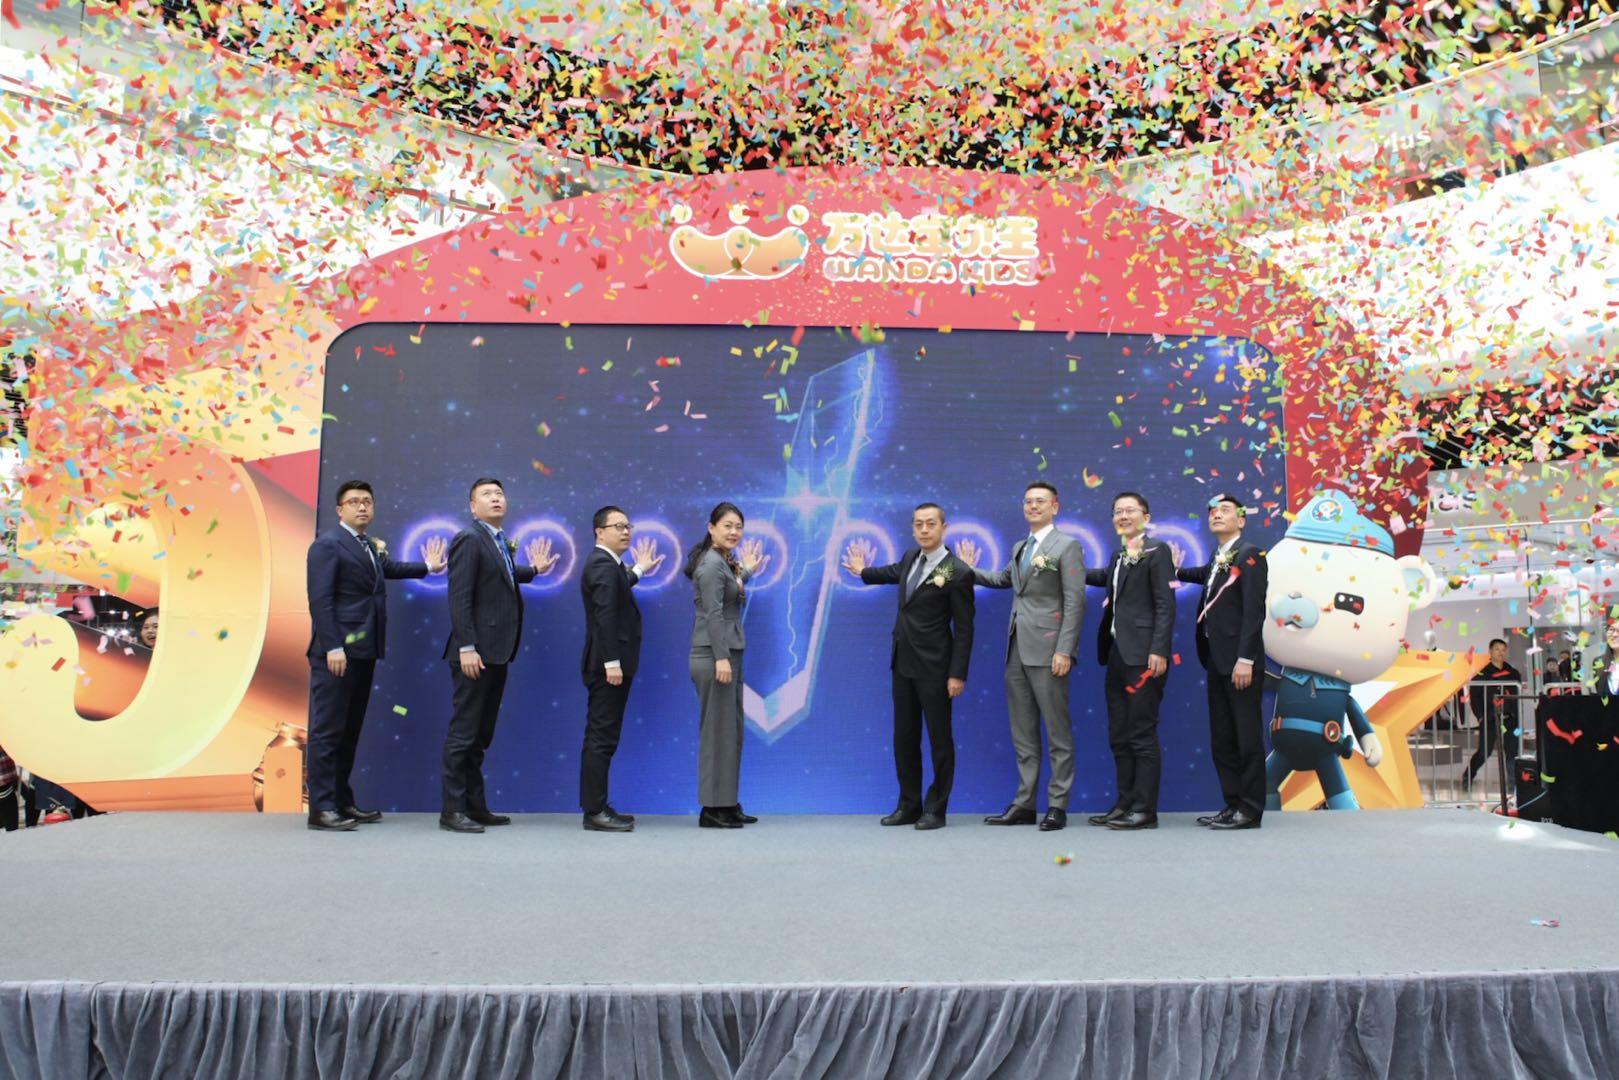 萬達寶貝王全國舉辦五周年品牌慶典活動